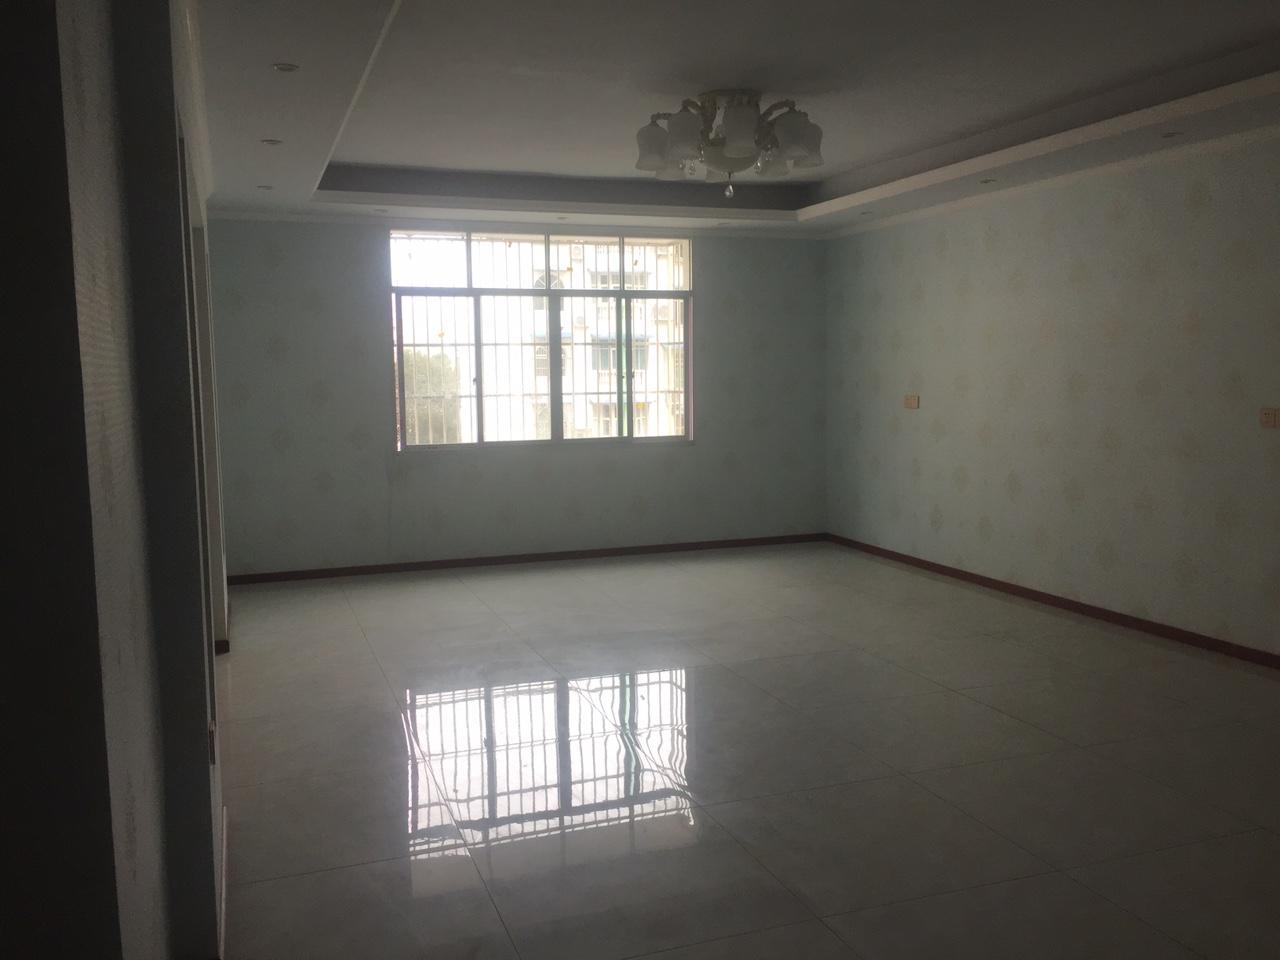 天城嘉园183.5平简装5室 1厅 2卫喊价卖88.8万元